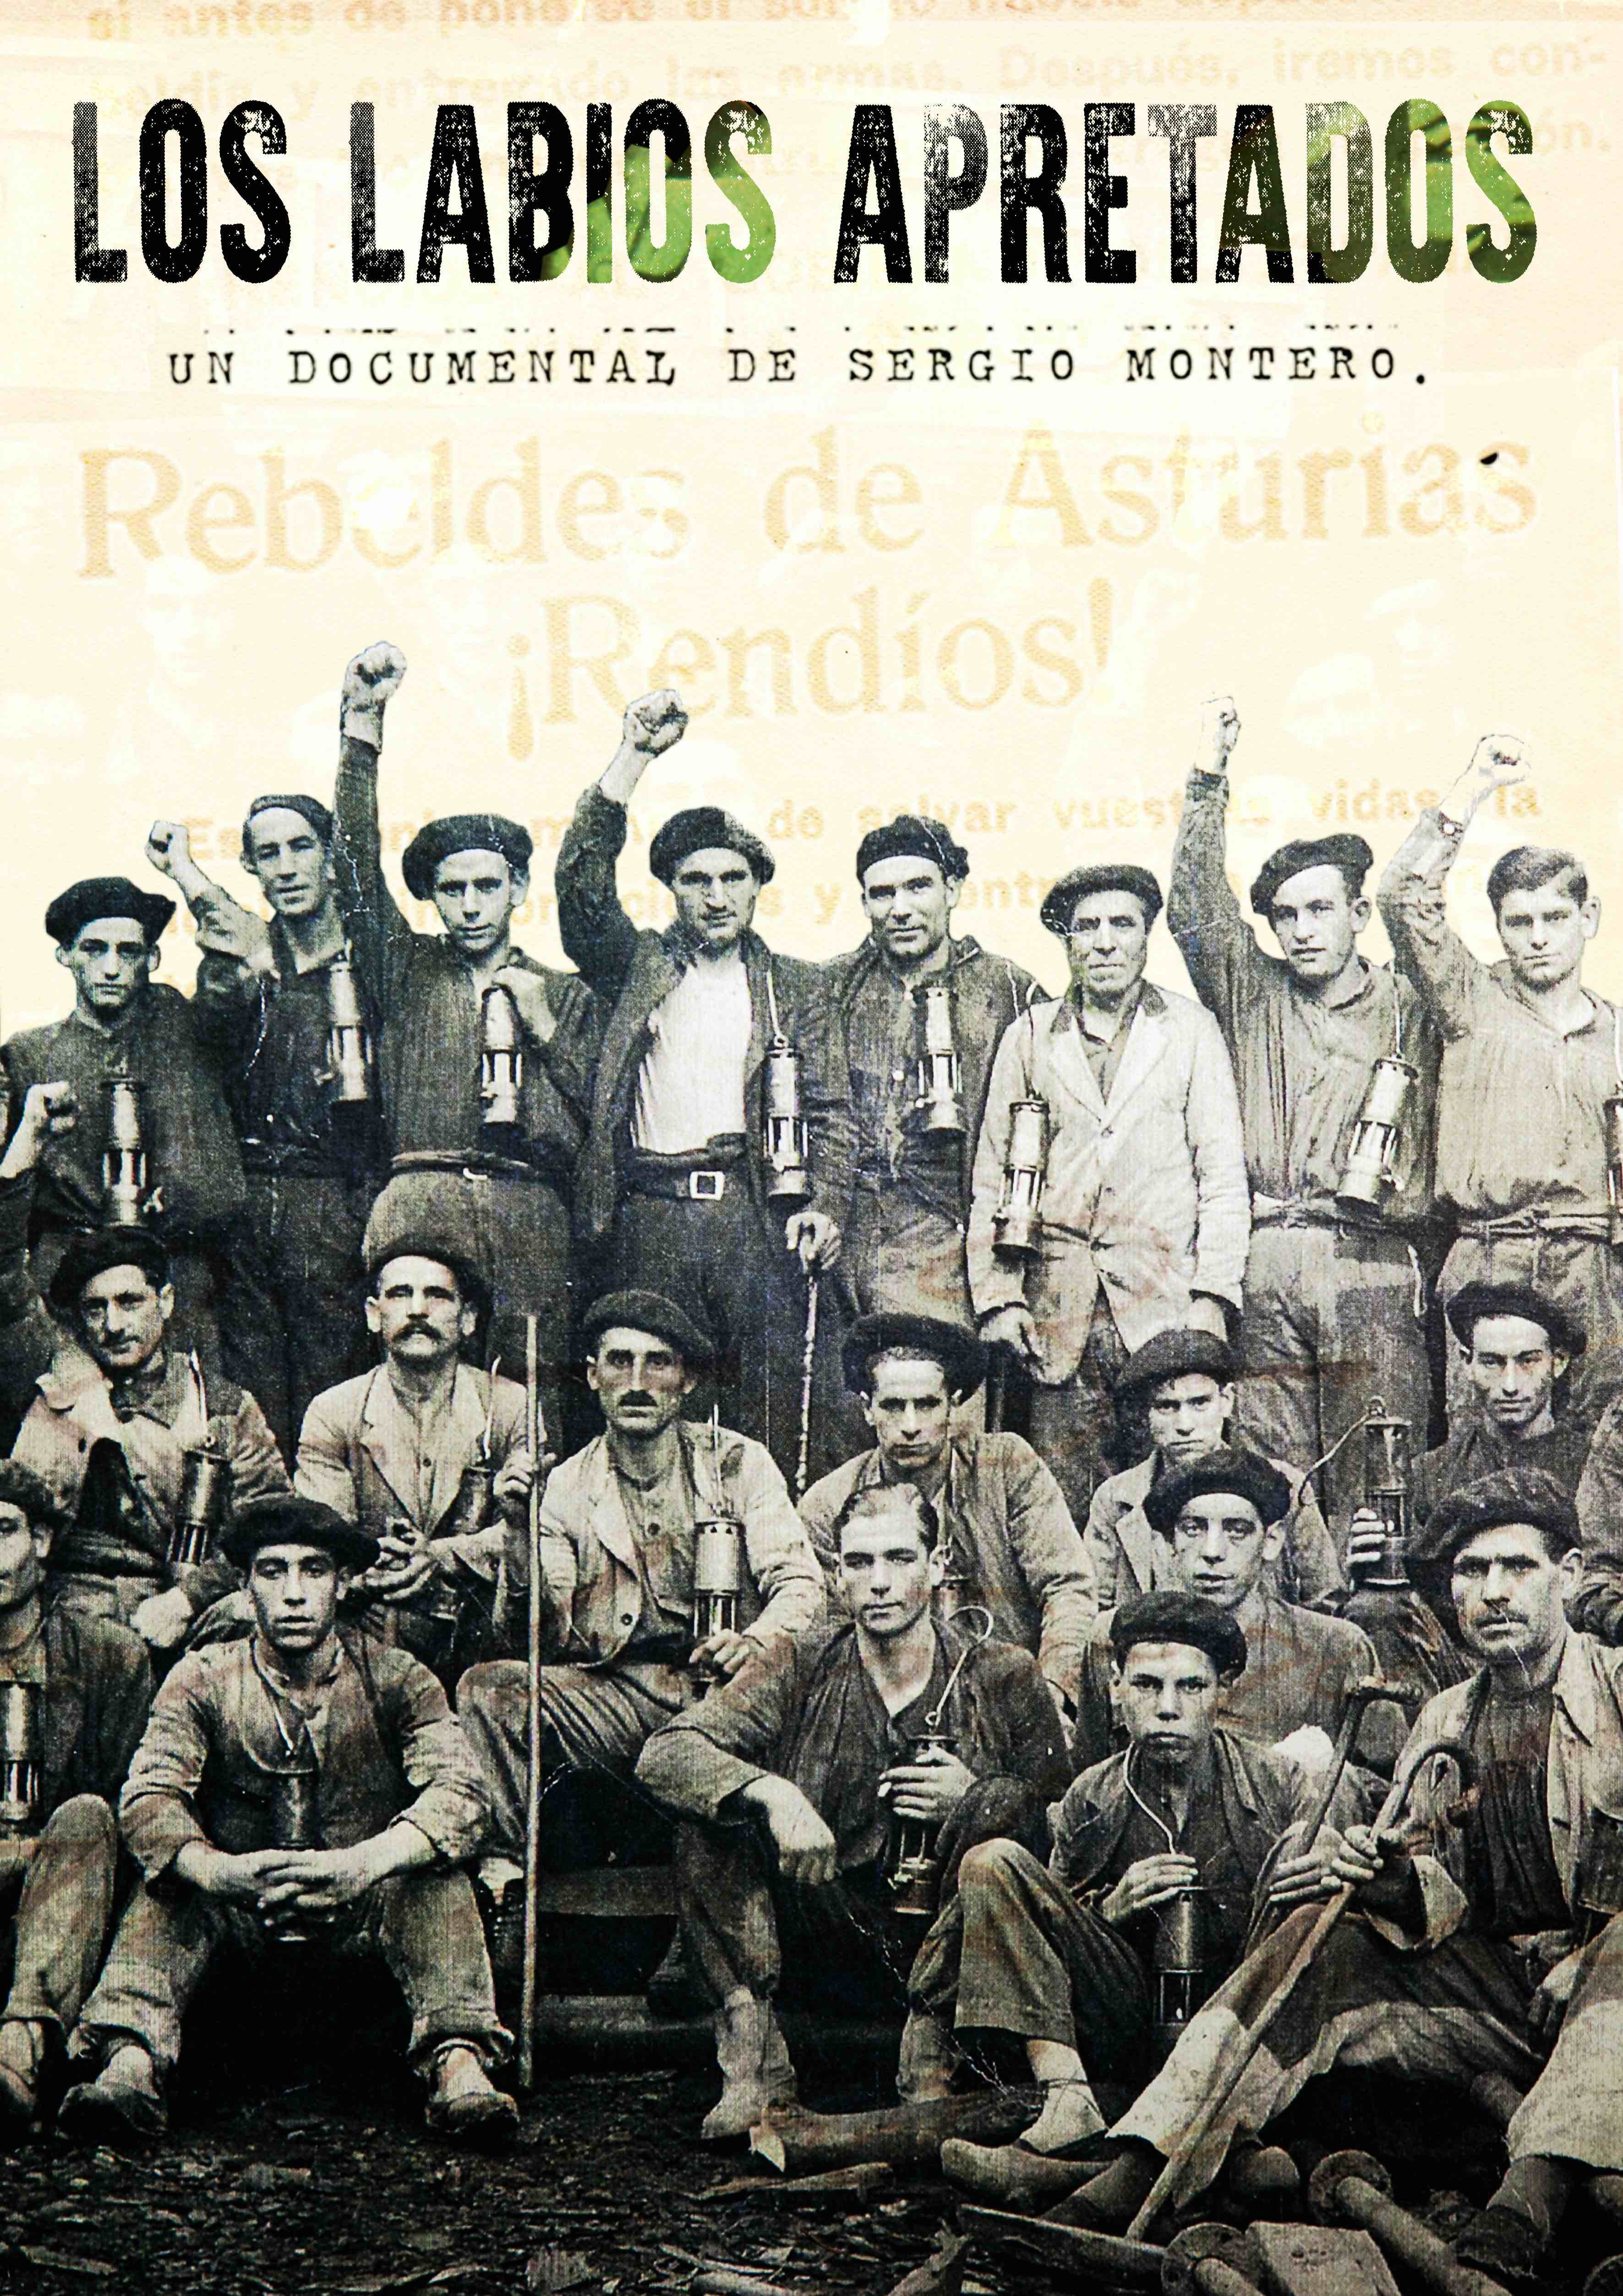 prostitutas guerra civil española el mundo esta cambiando